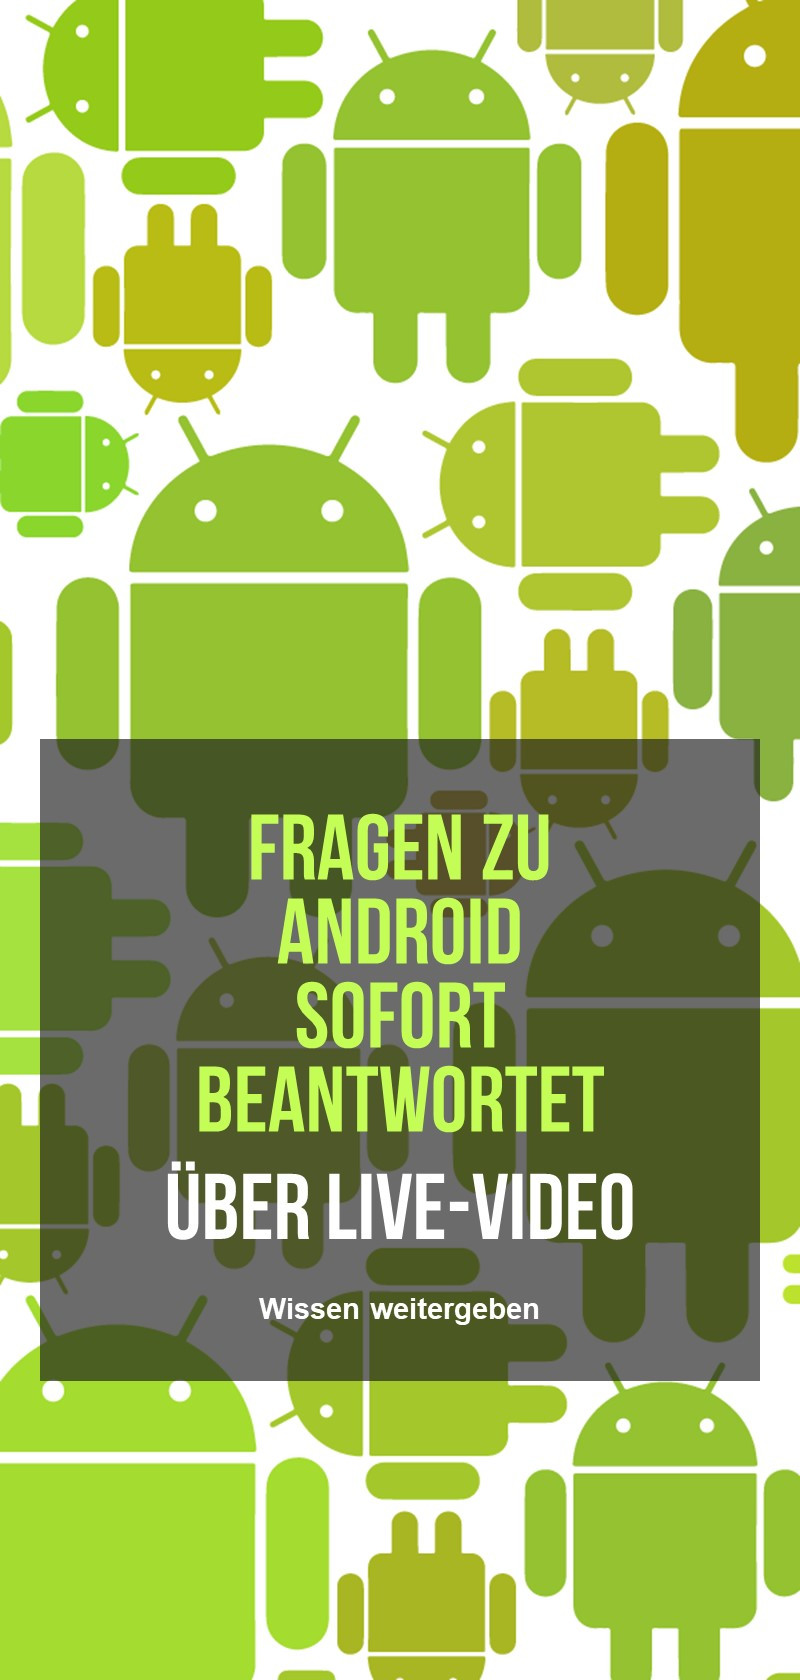 Fragen zu Android